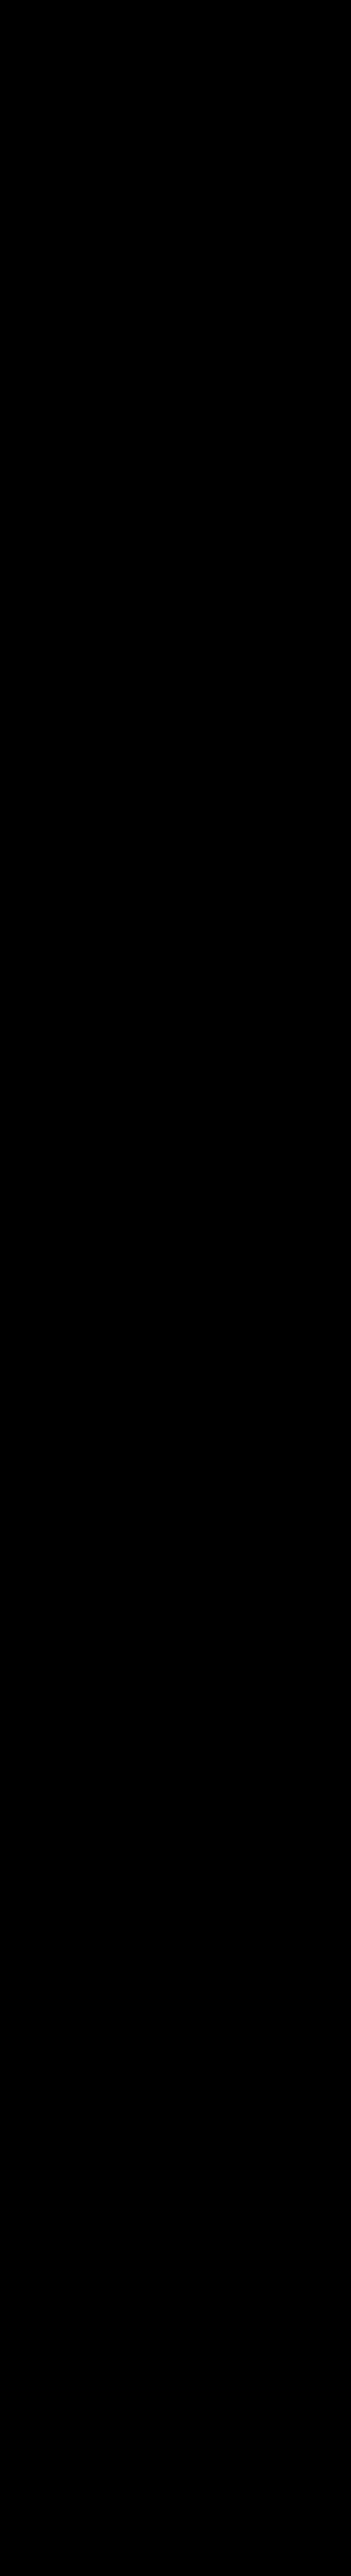 Dashboard UI Design on Web Design Served